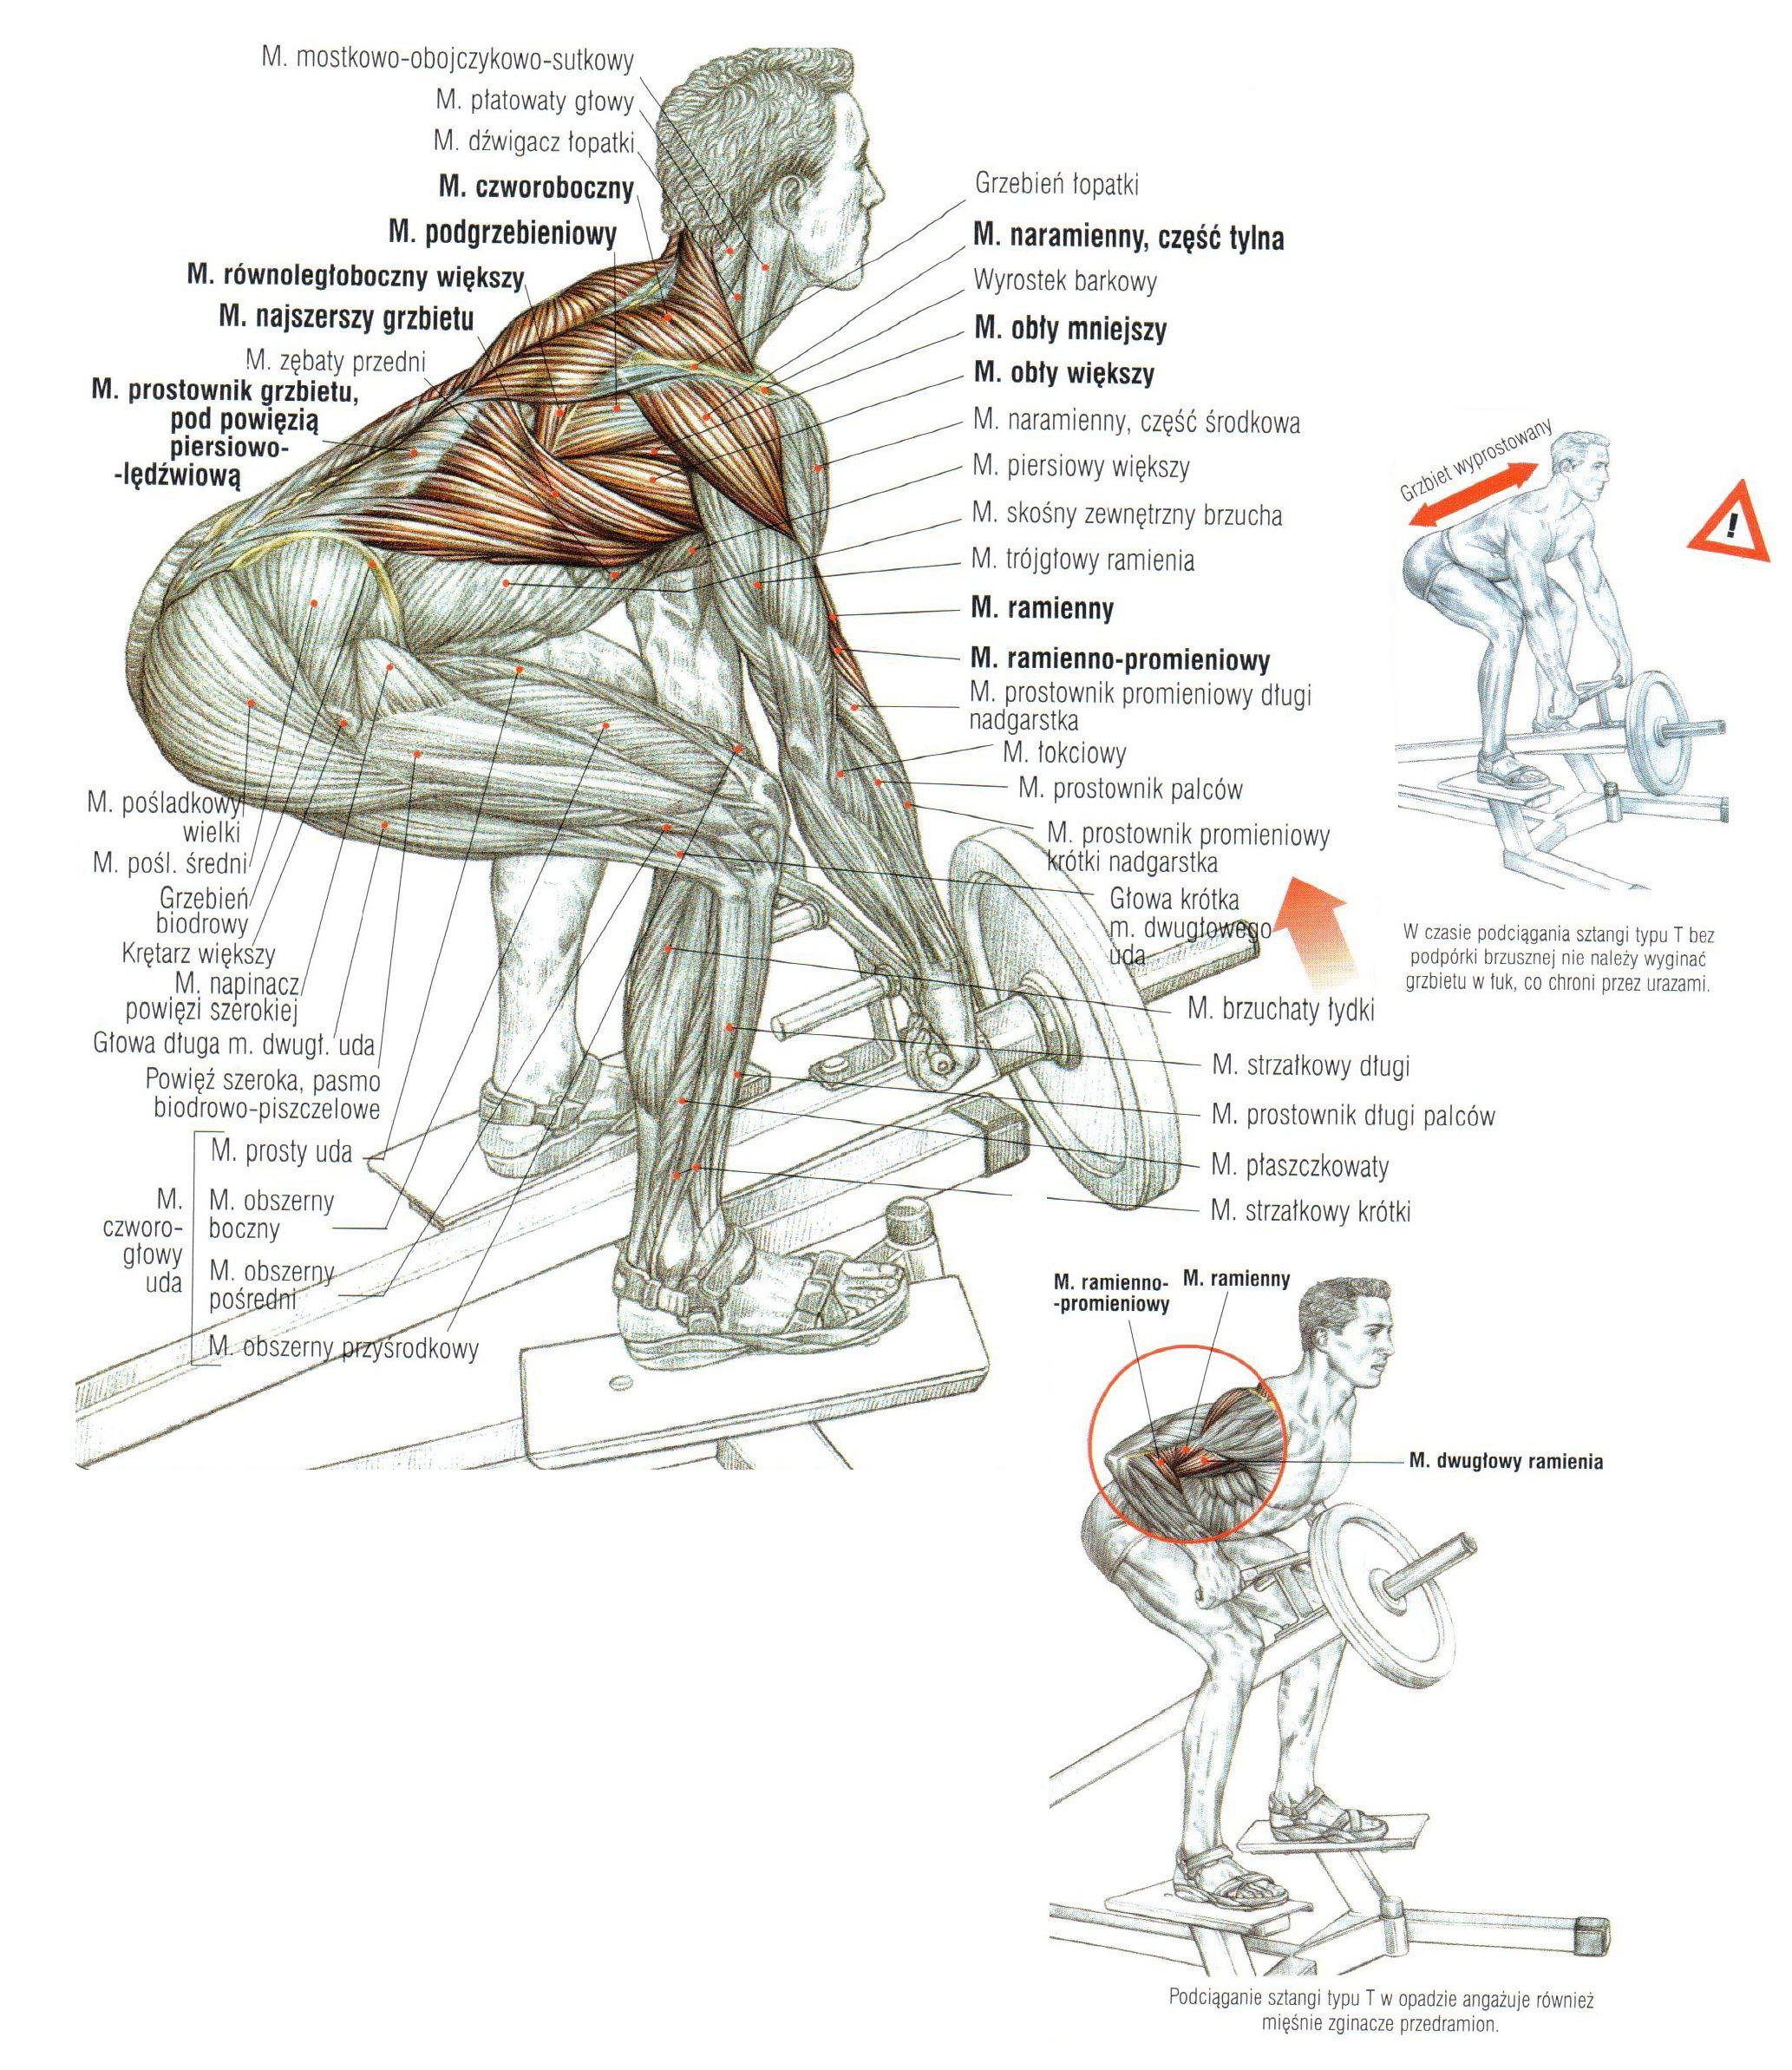 Podciąganie końca sztangi w opadzie ćwiczenia na plecy atlas ćwiczeń